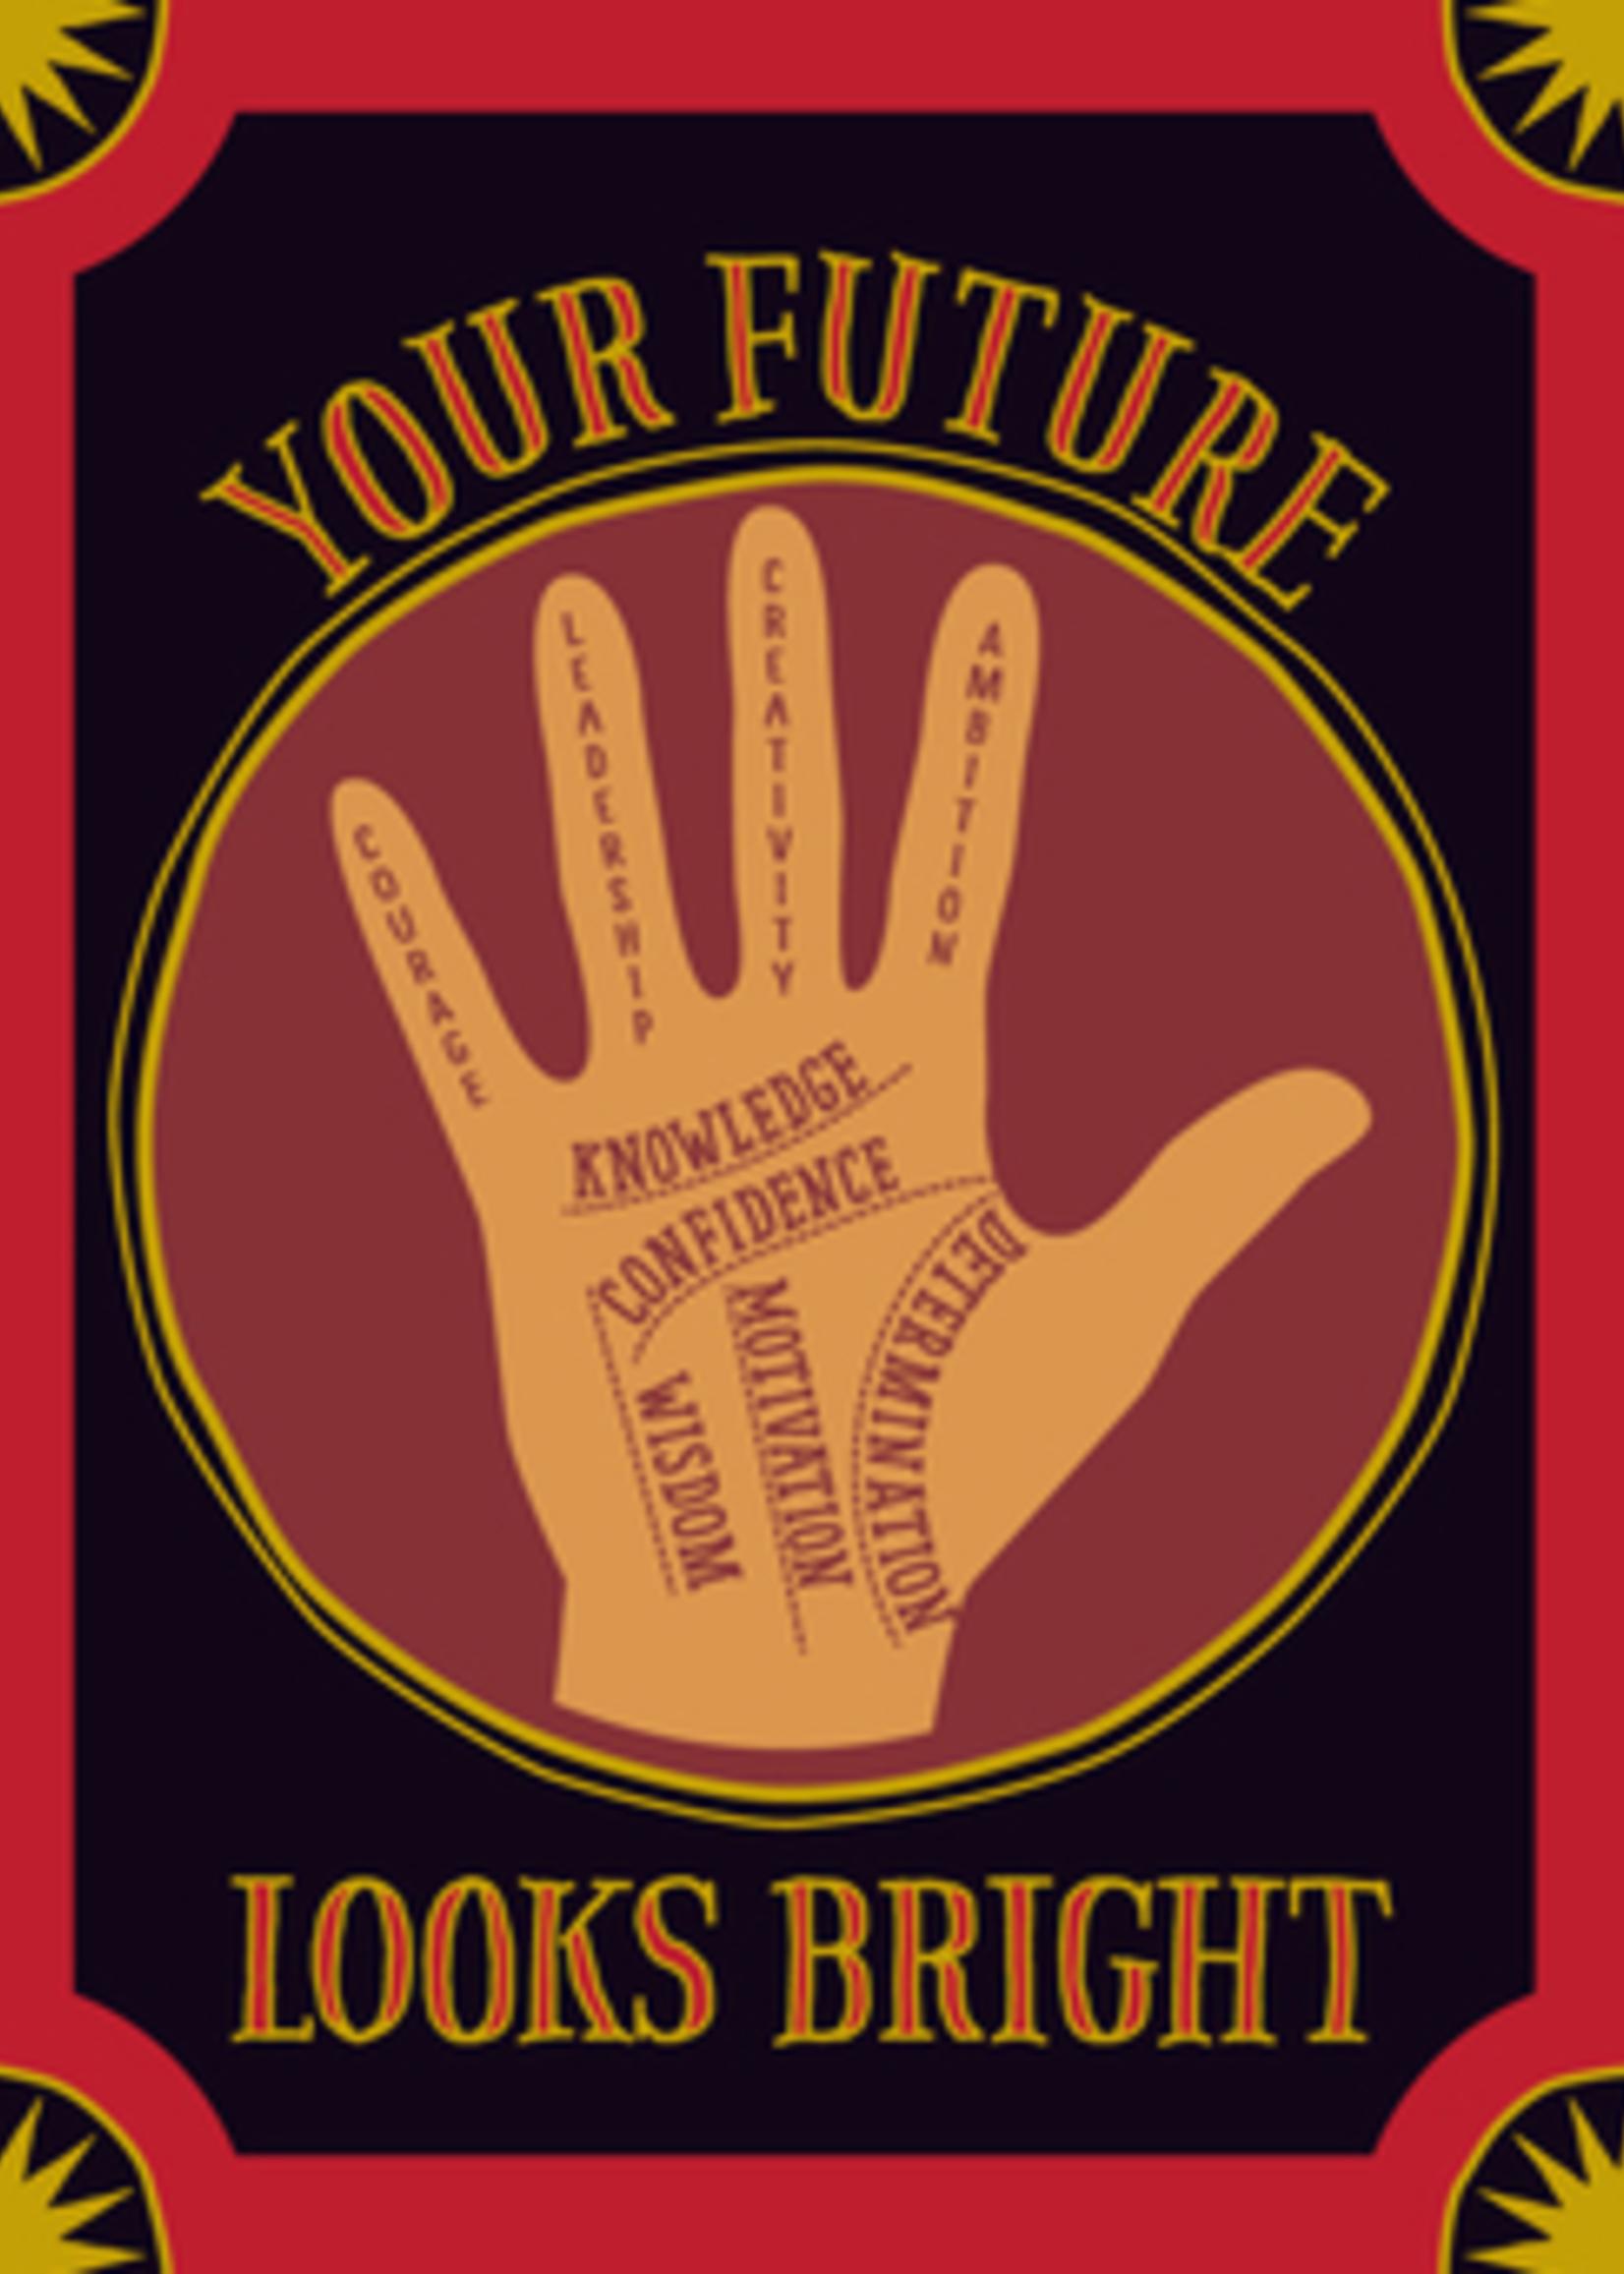 Card GRAD Palm Your Future Looks Bright